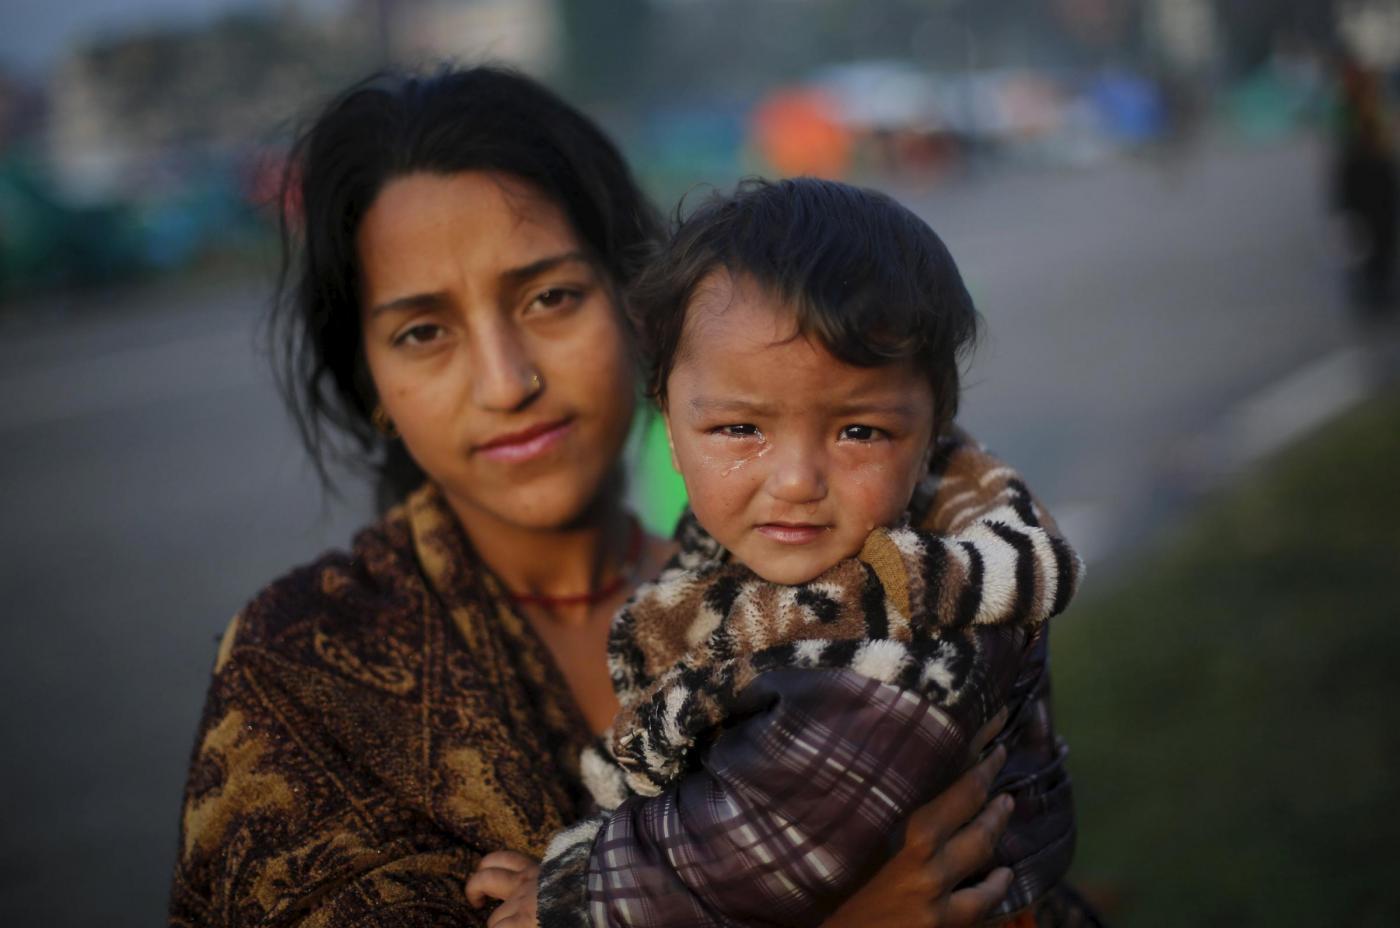 Terremoto in Nepal: al via la raccolta fondi per la popolazione